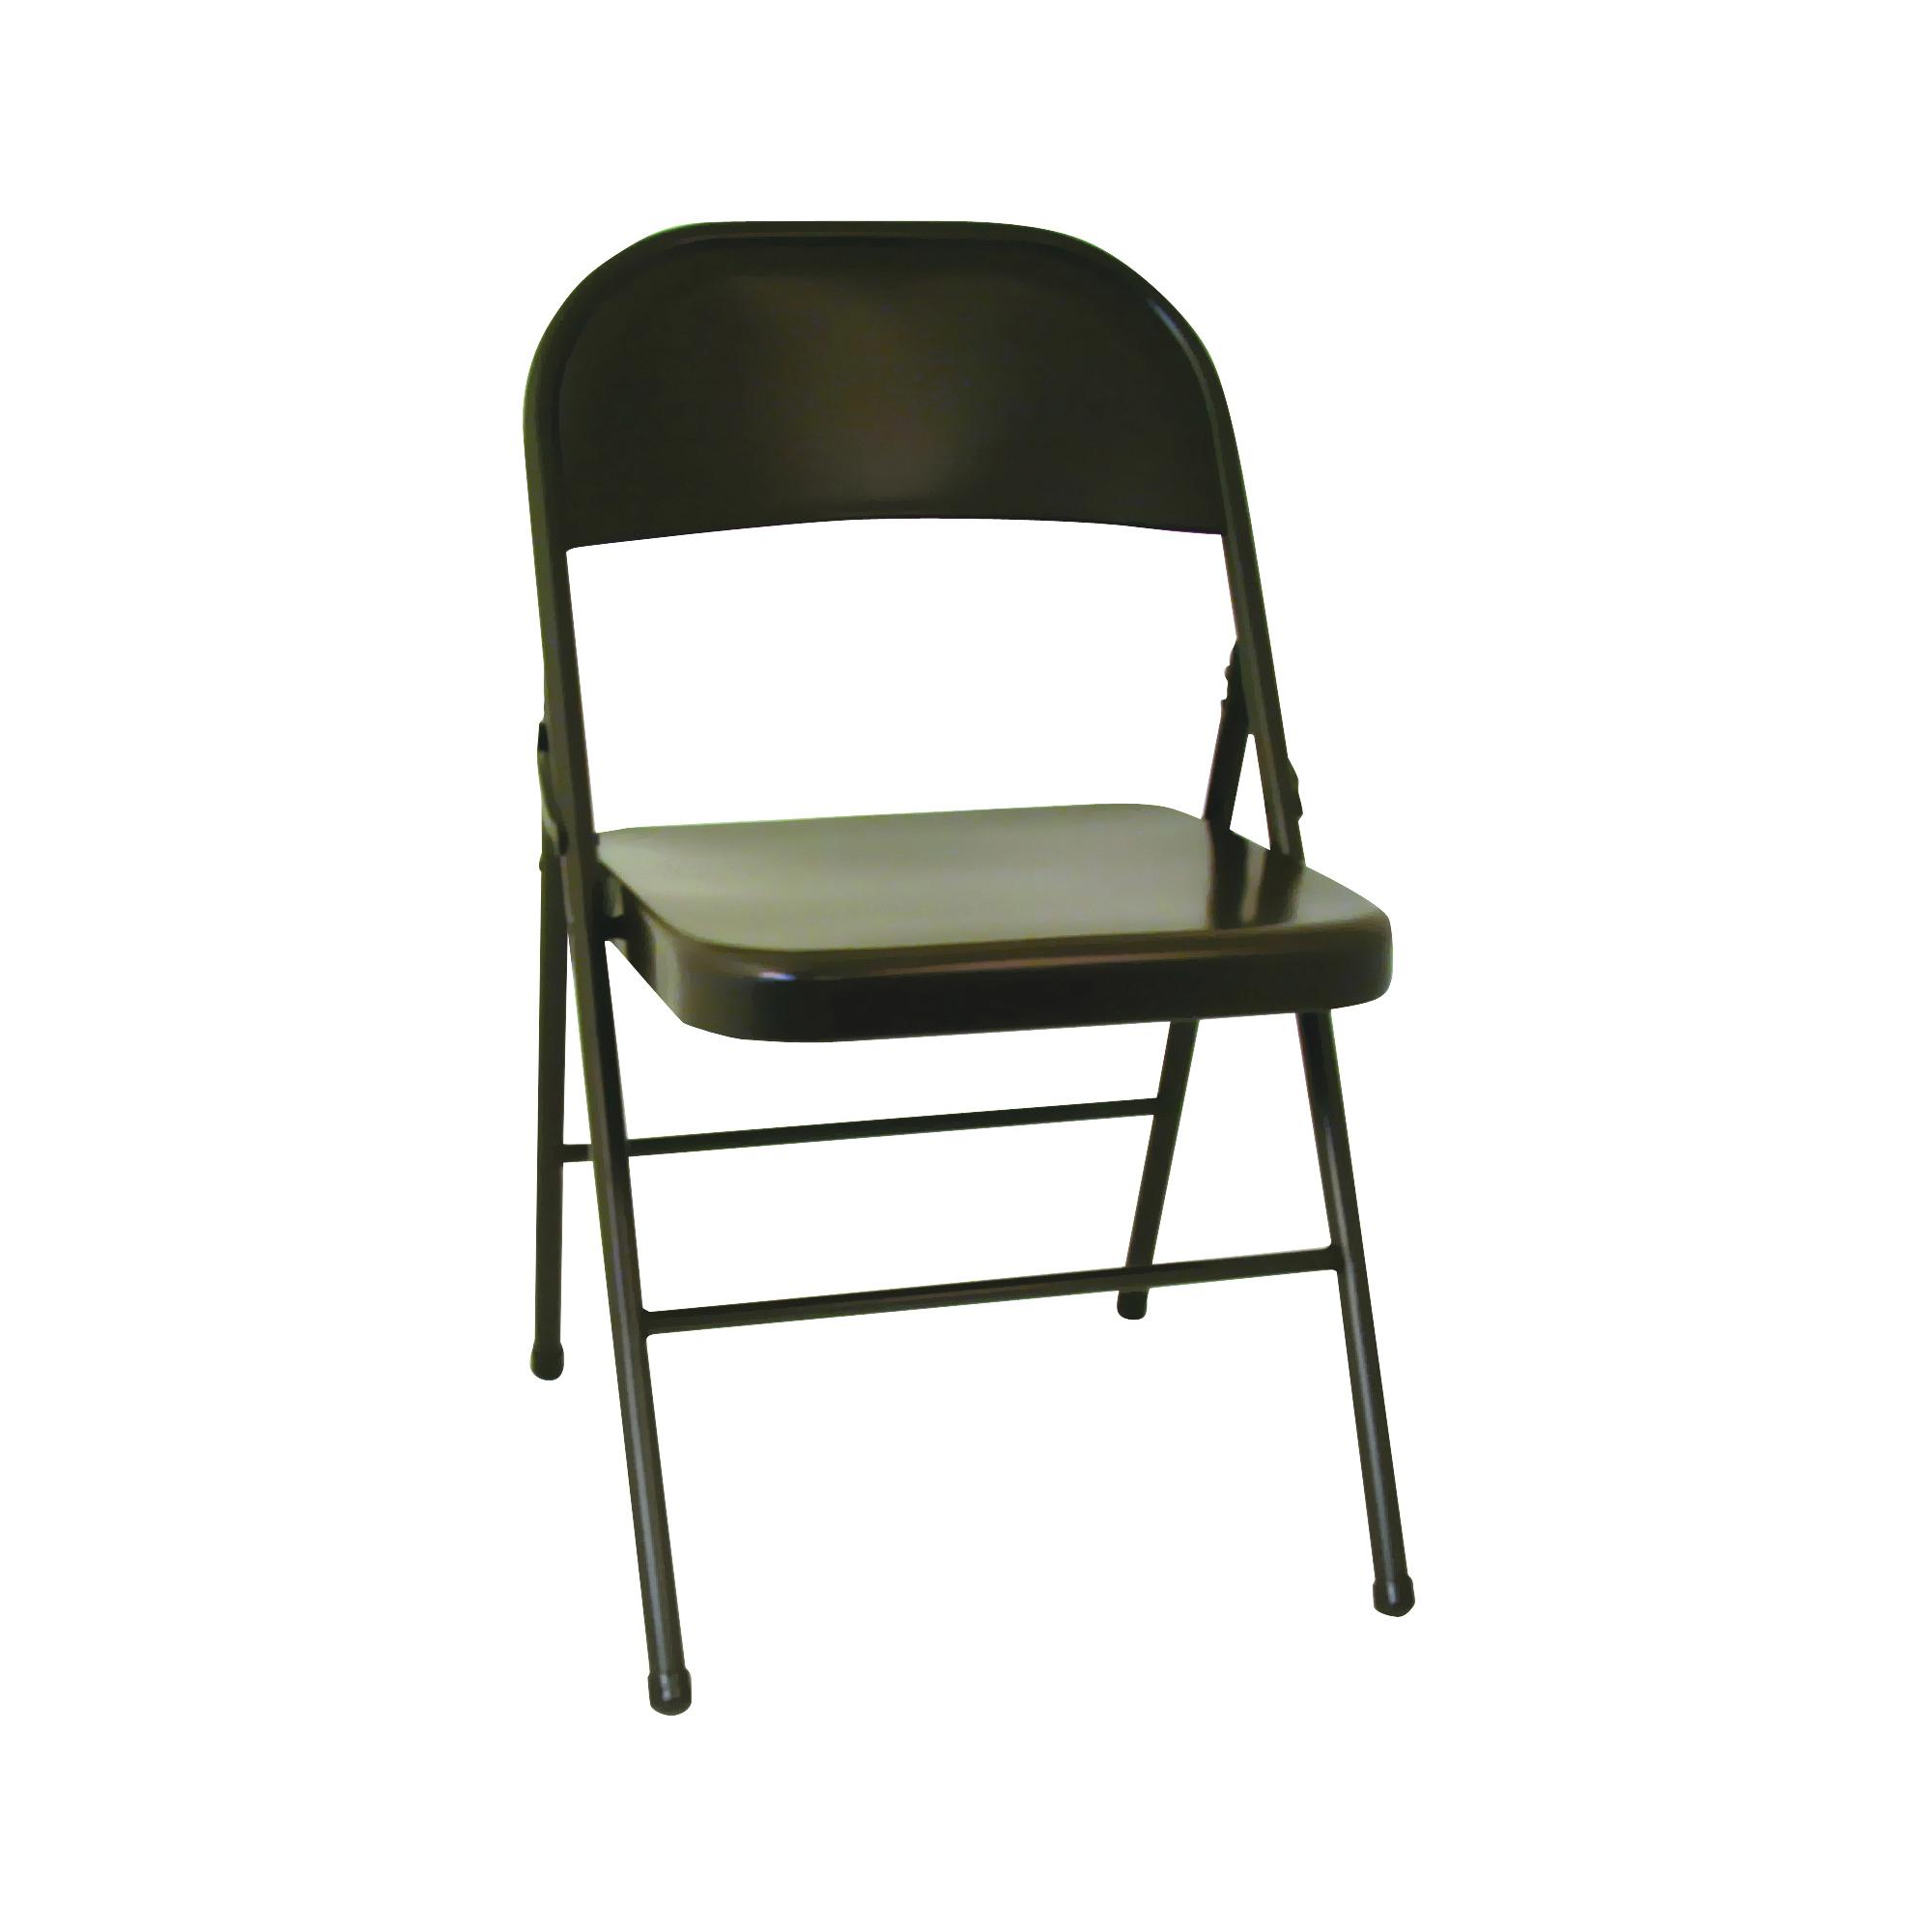 Picture of Cosco 14-711 05X/147110 Folding Chair, 18-1/2 in OAW, 5-1/2 in OAD, 39-1/2 in OAH, Steel Frame, Vinyl Tabletop